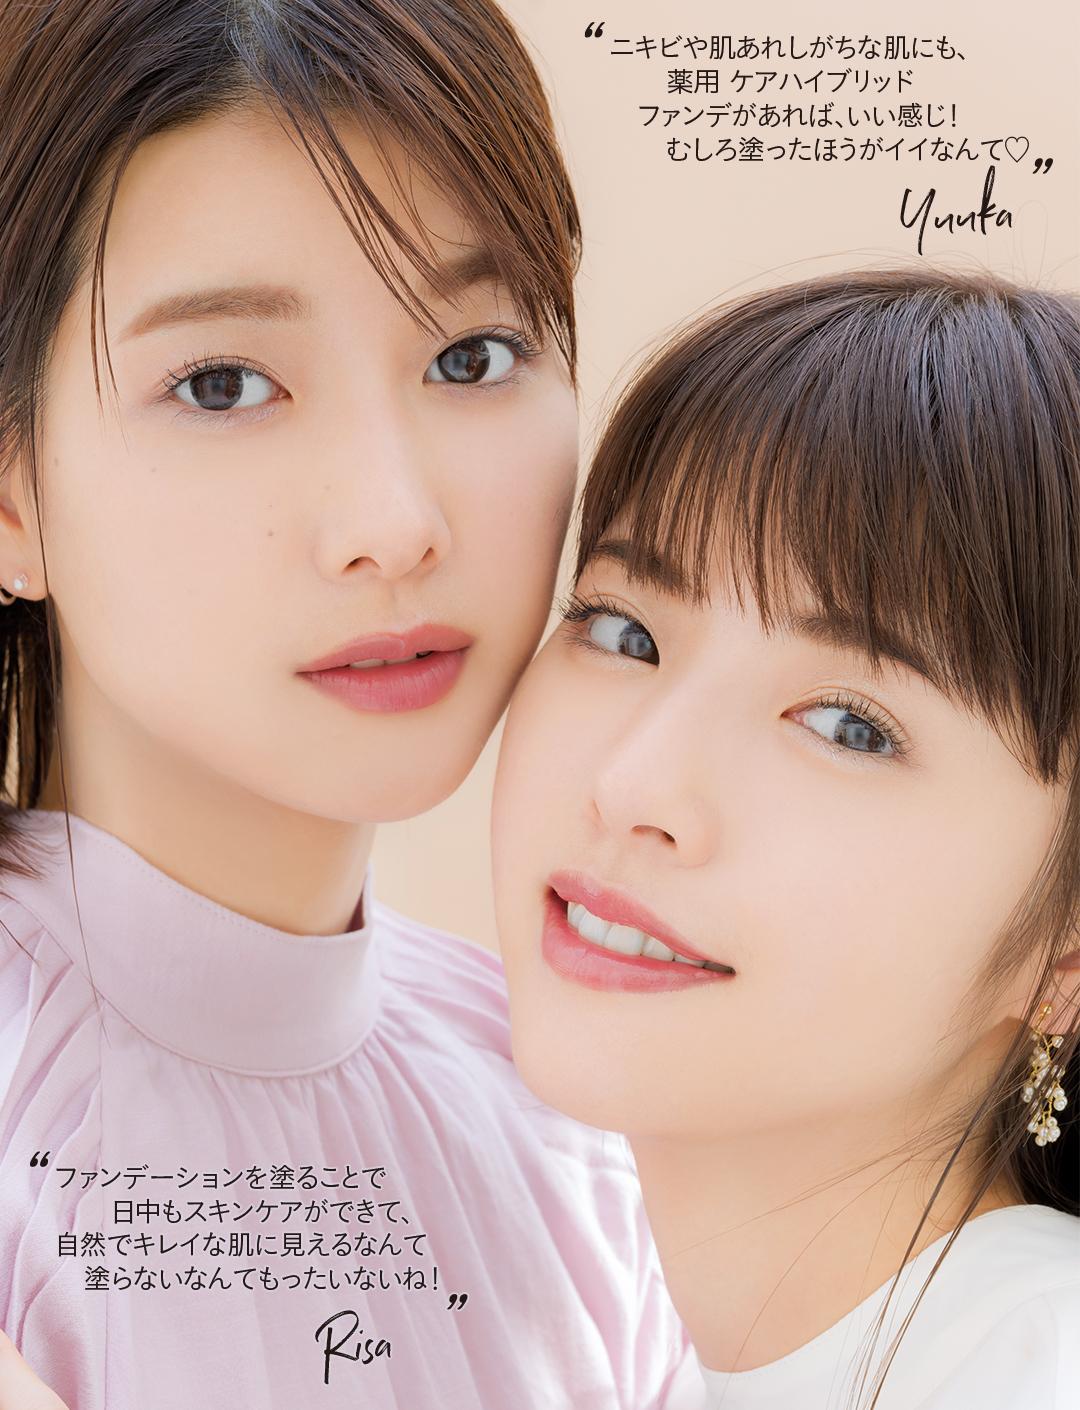 ベースメークの新時代!「資生堂」の素肌キレイ♡ ファンデがスゴイ!_2_11